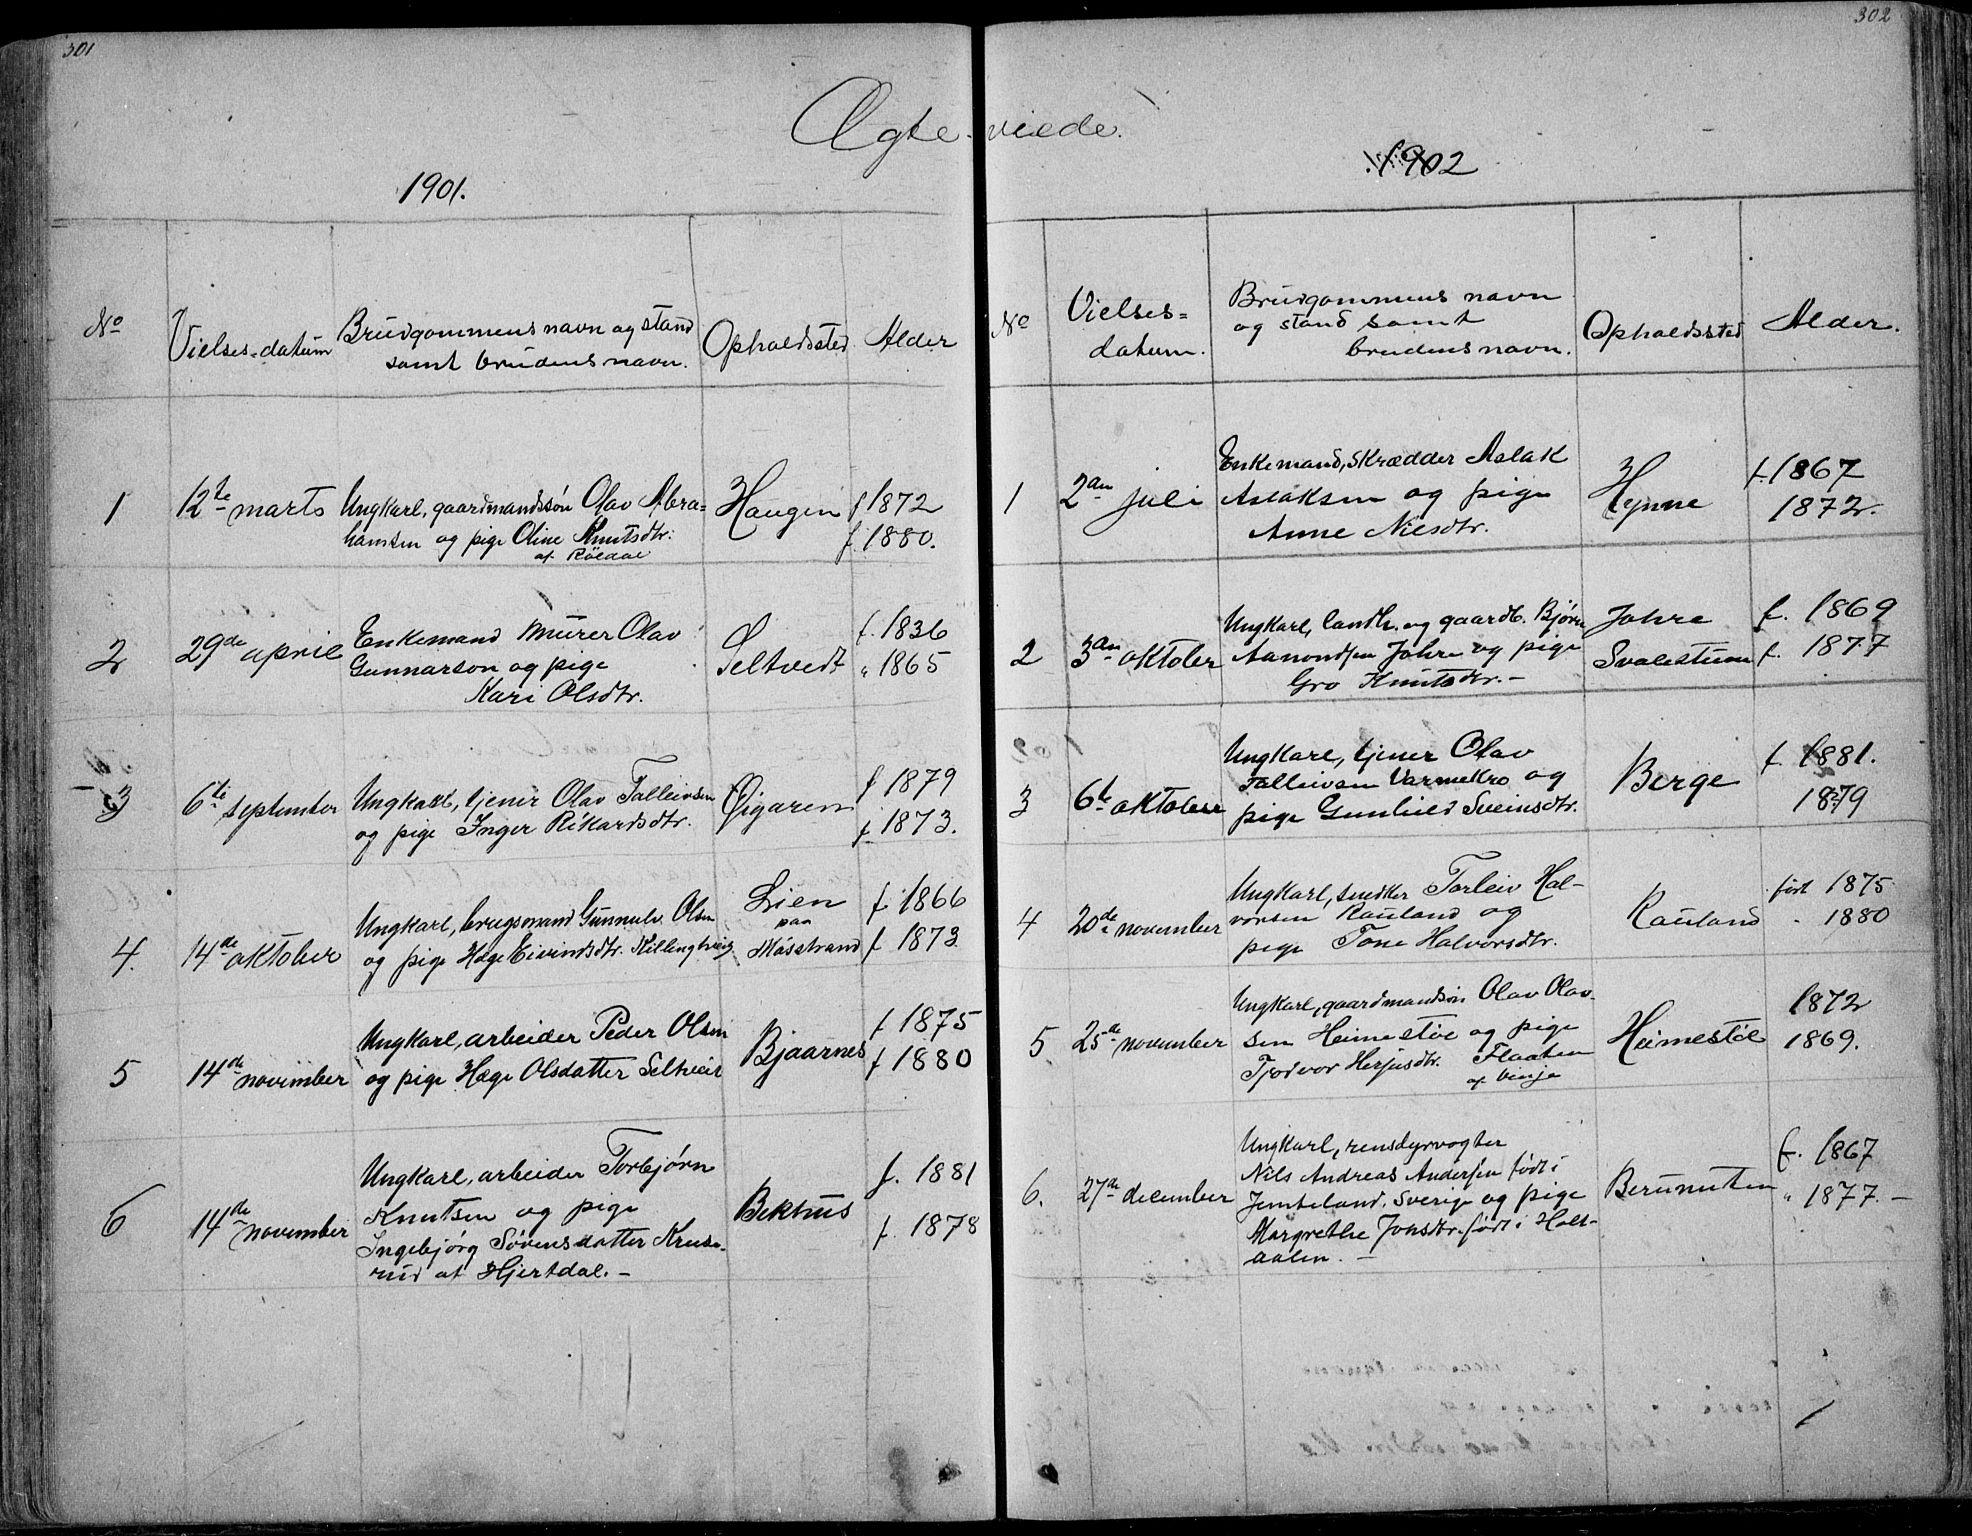 SAKO, Rauland kirkebøker, G/Ga/L0002: Klokkerbok nr. I 2, 1849-1935, s. 301-302